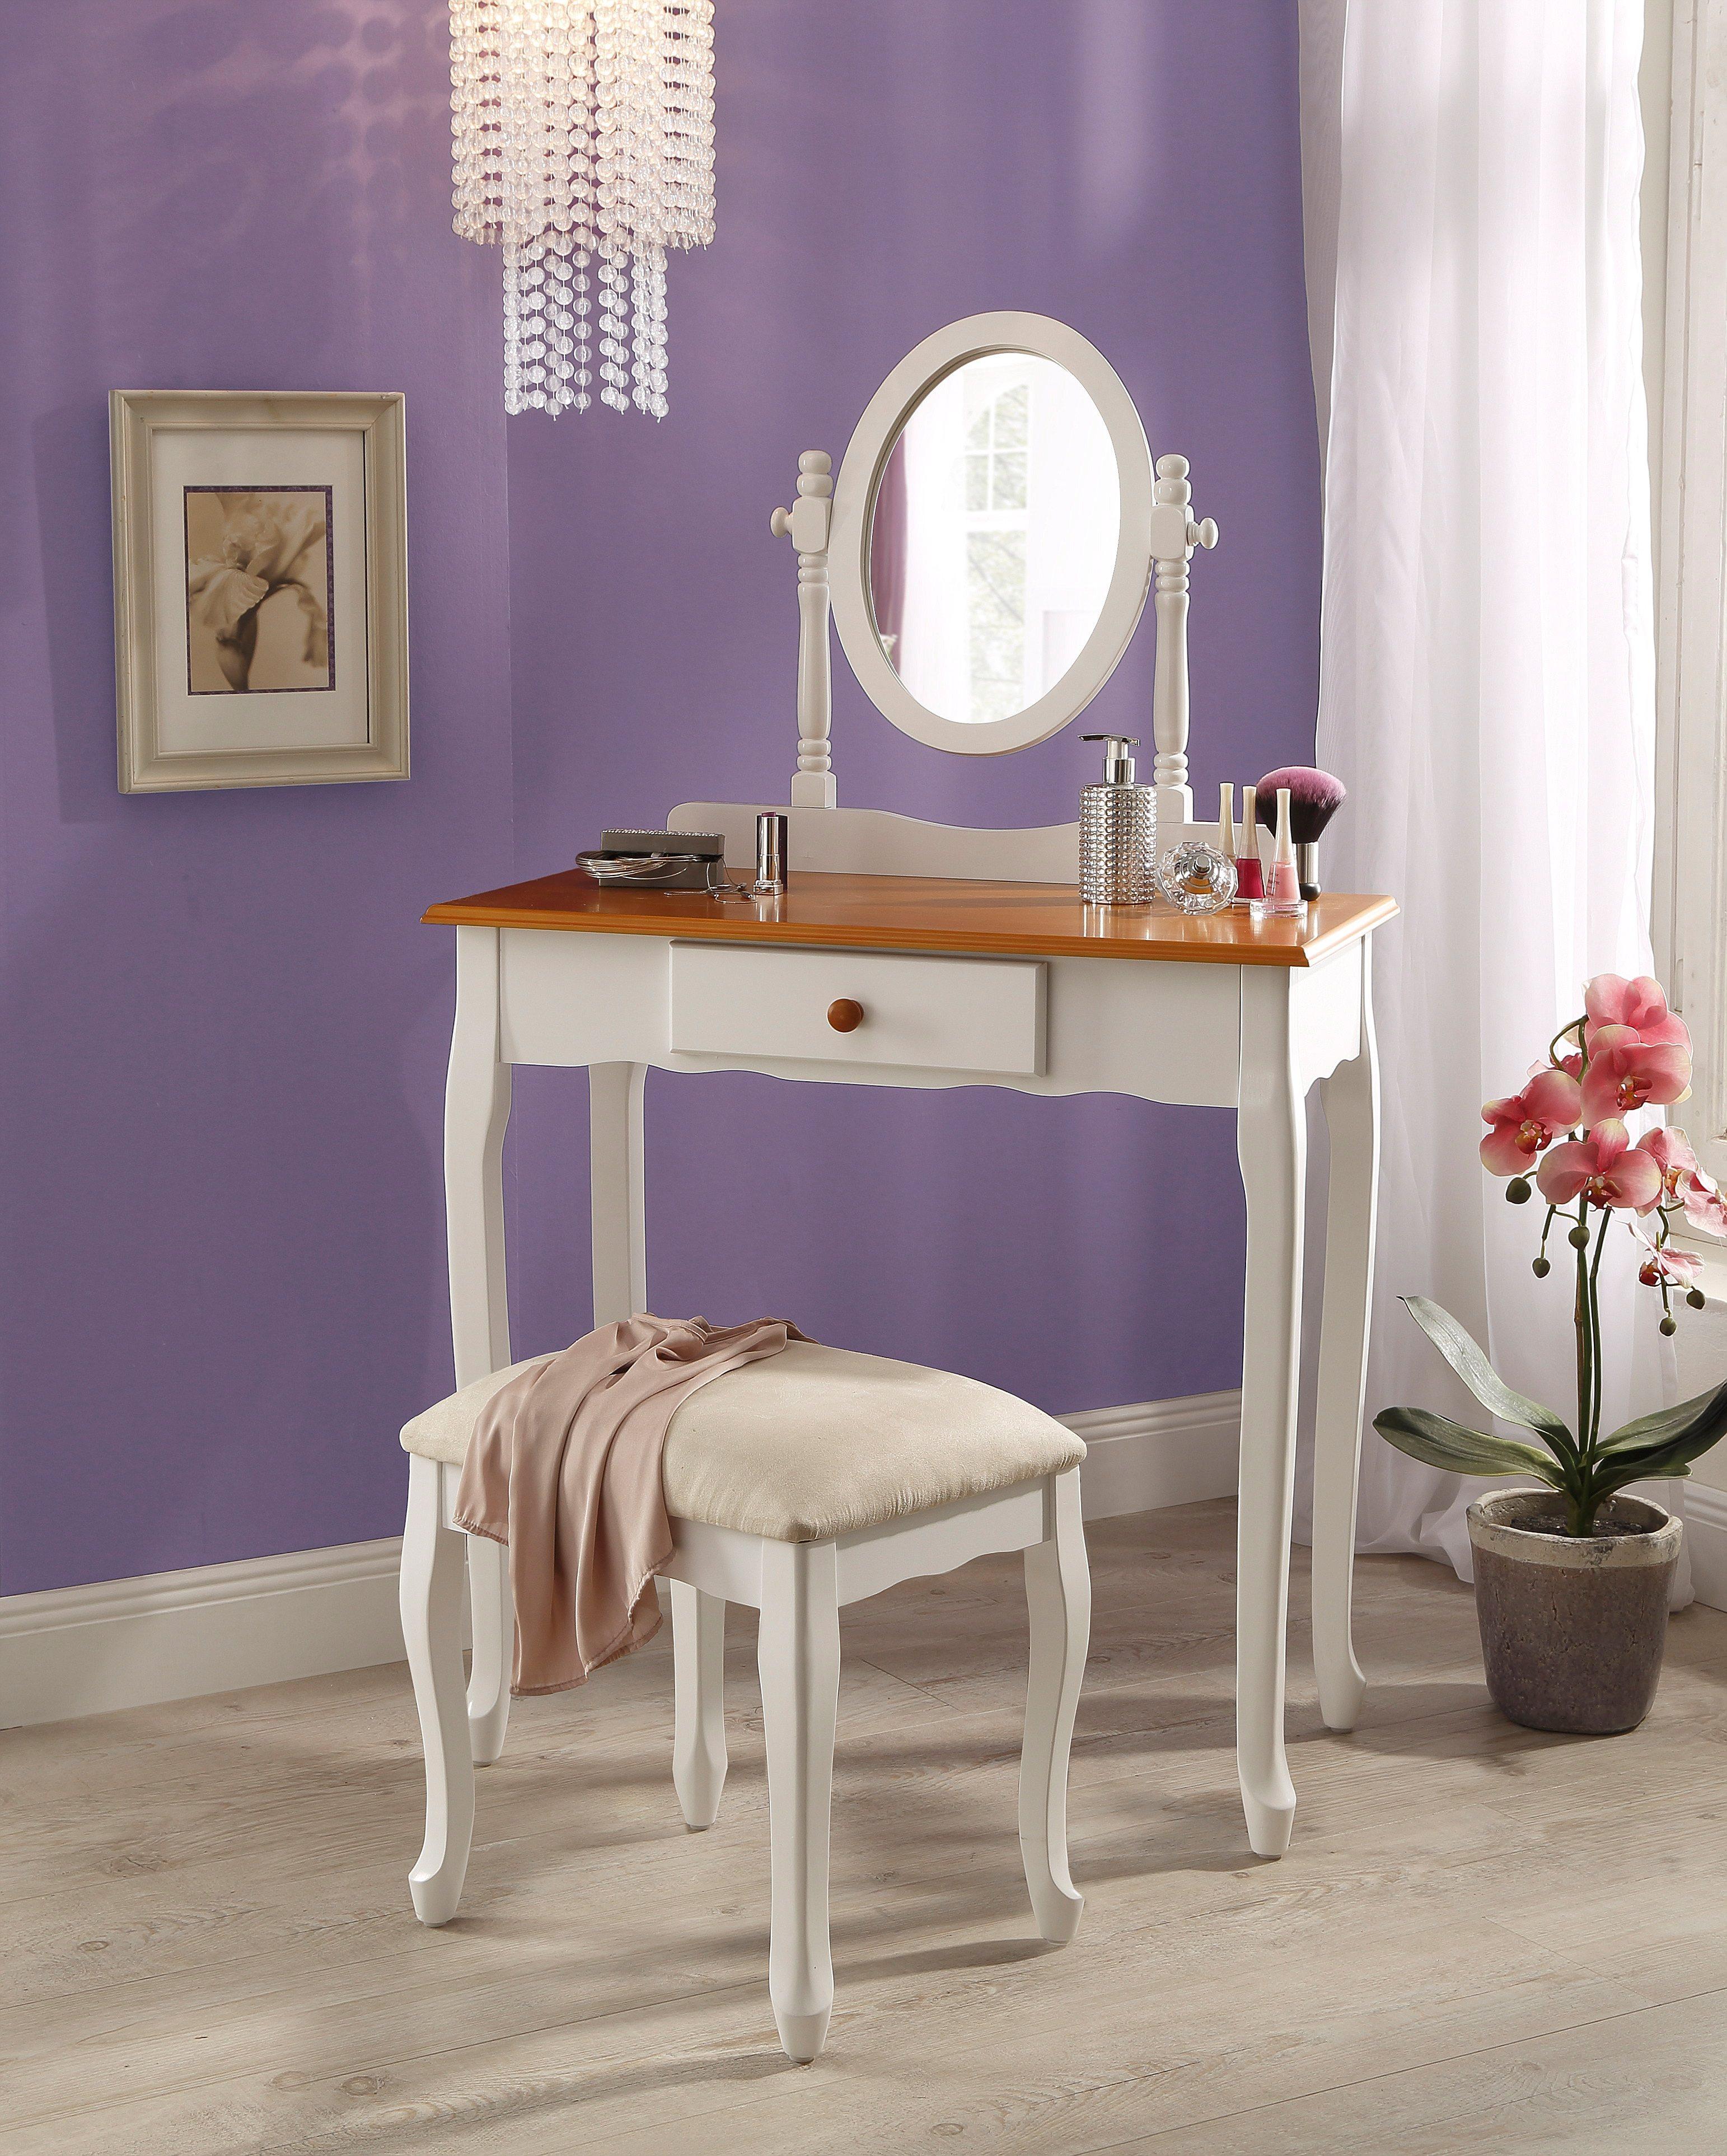 50 sparen schminktisch mit hocker nur 139 99 cherry m bel otto. Black Bedroom Furniture Sets. Home Design Ideas